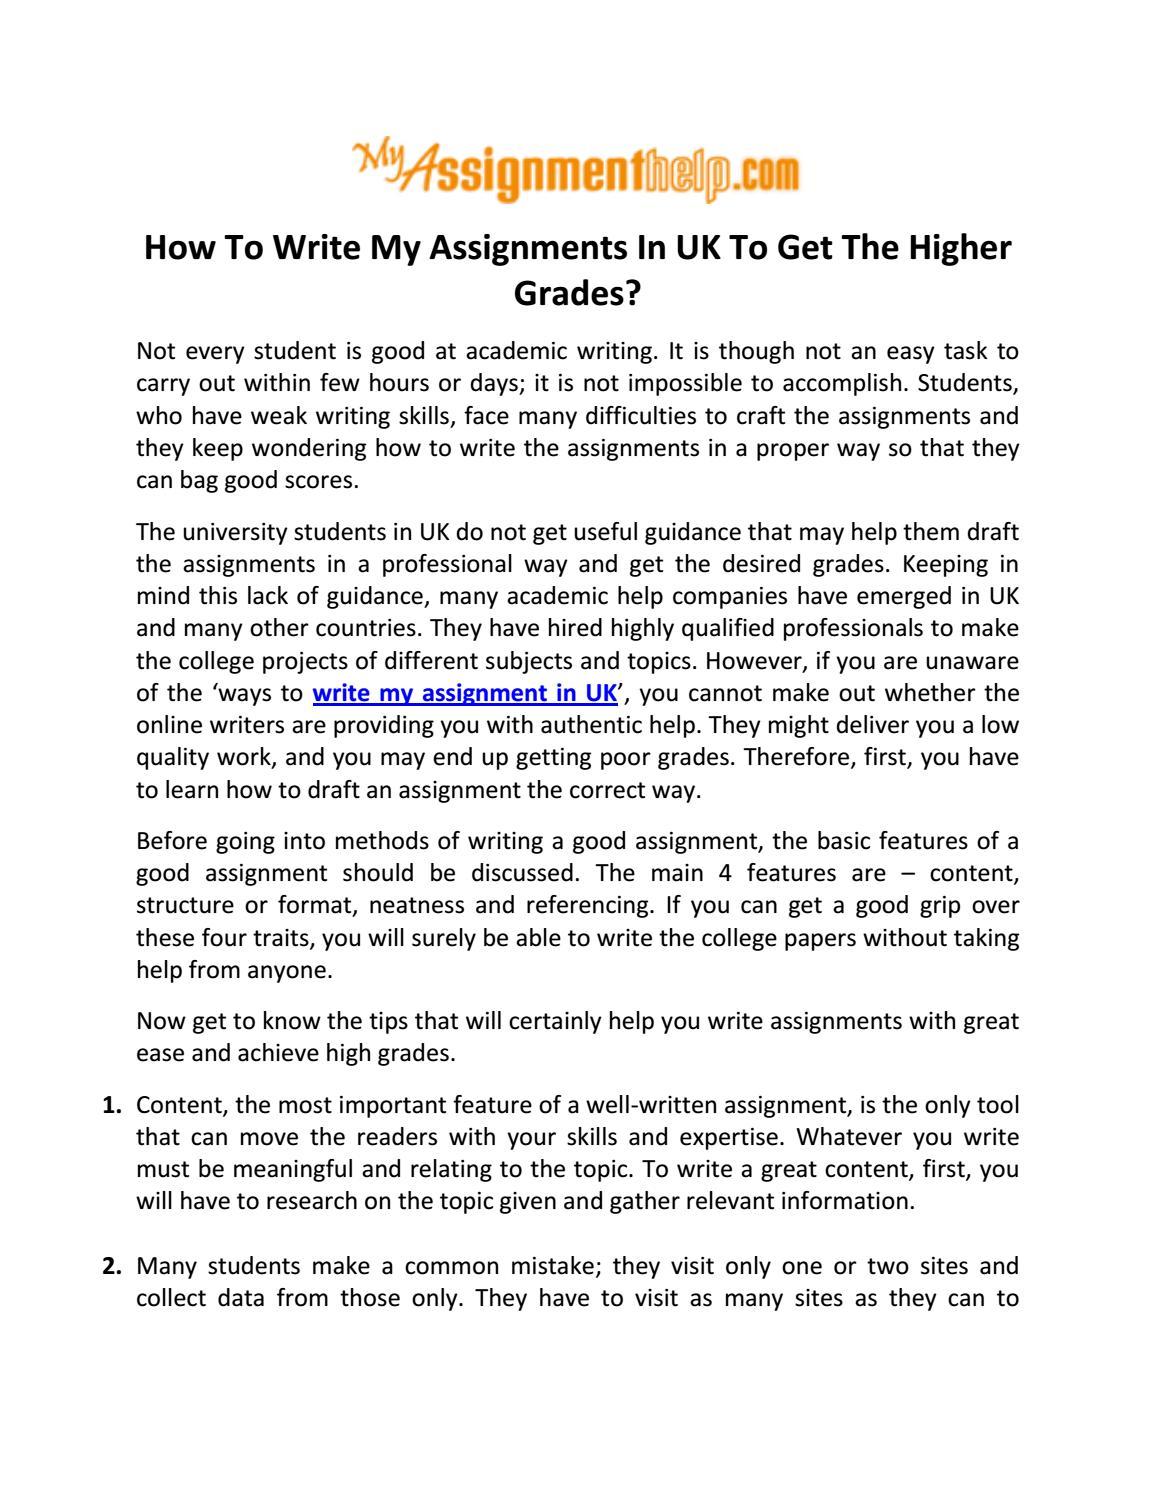 How to Write a Good Assignment | blogger.com